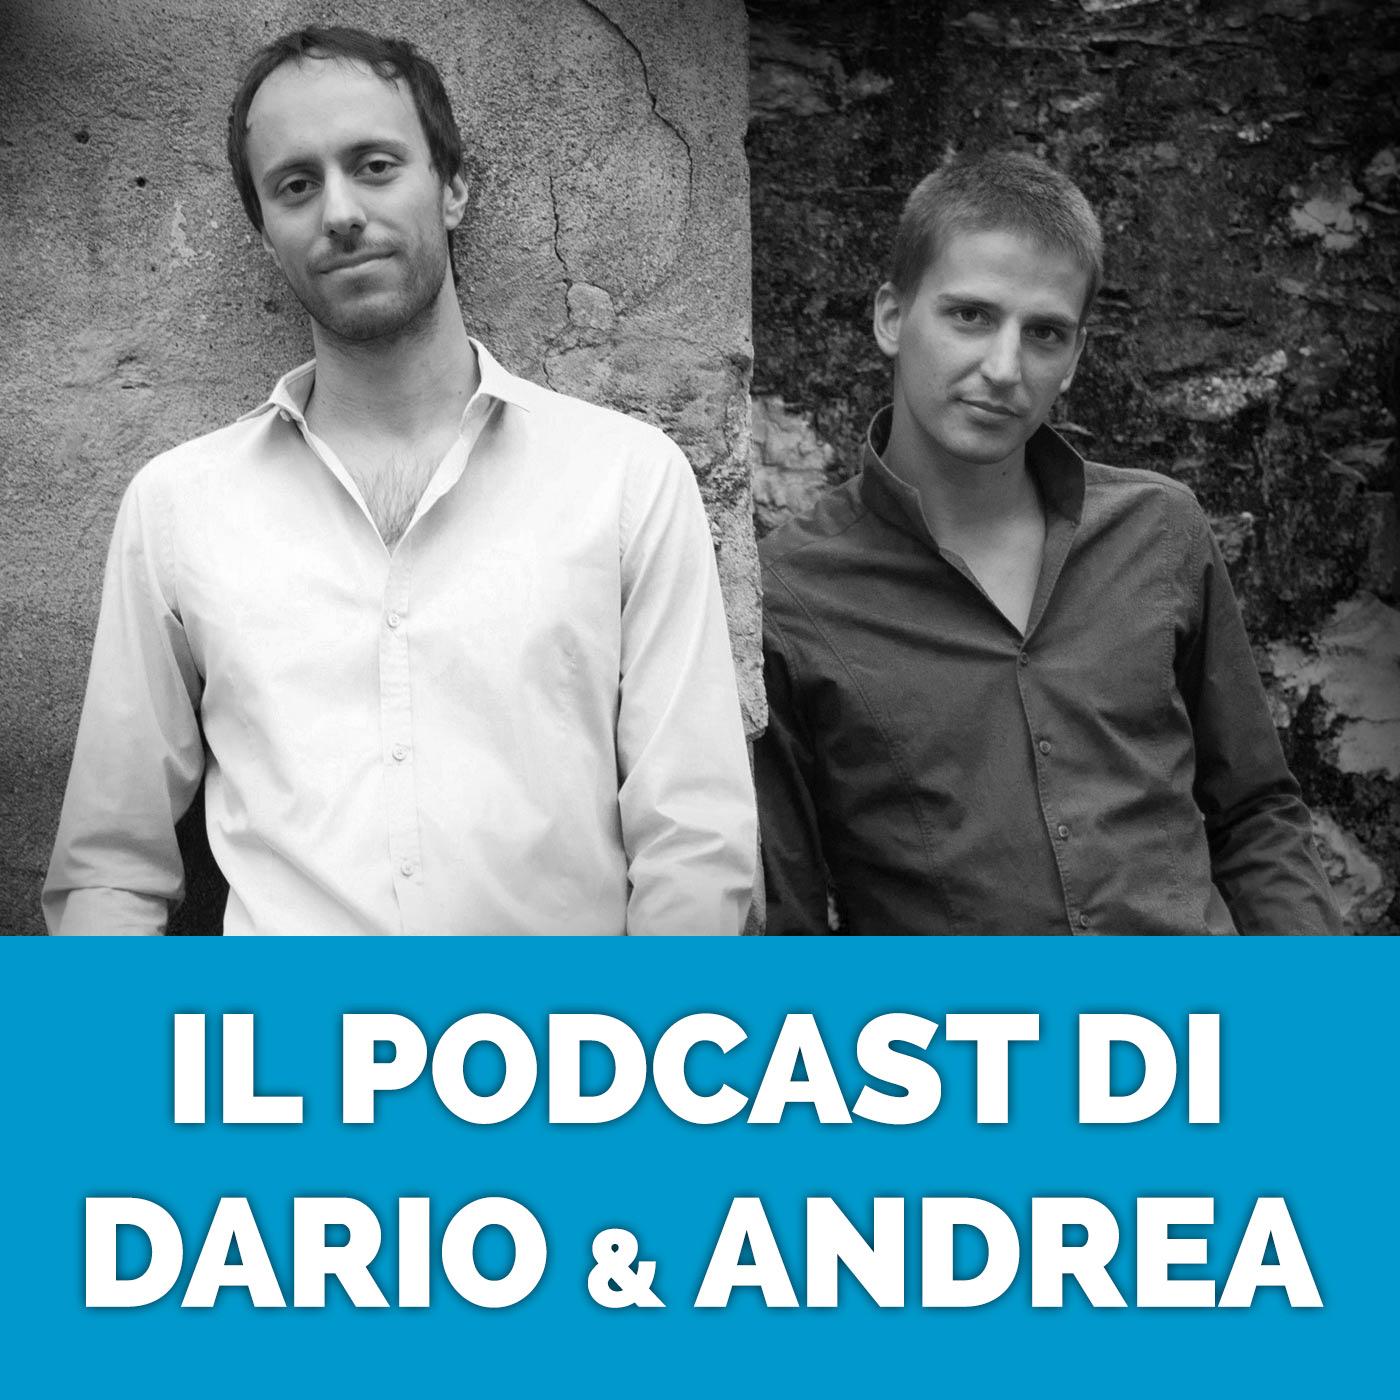 Il podcast di Dario & Andrea